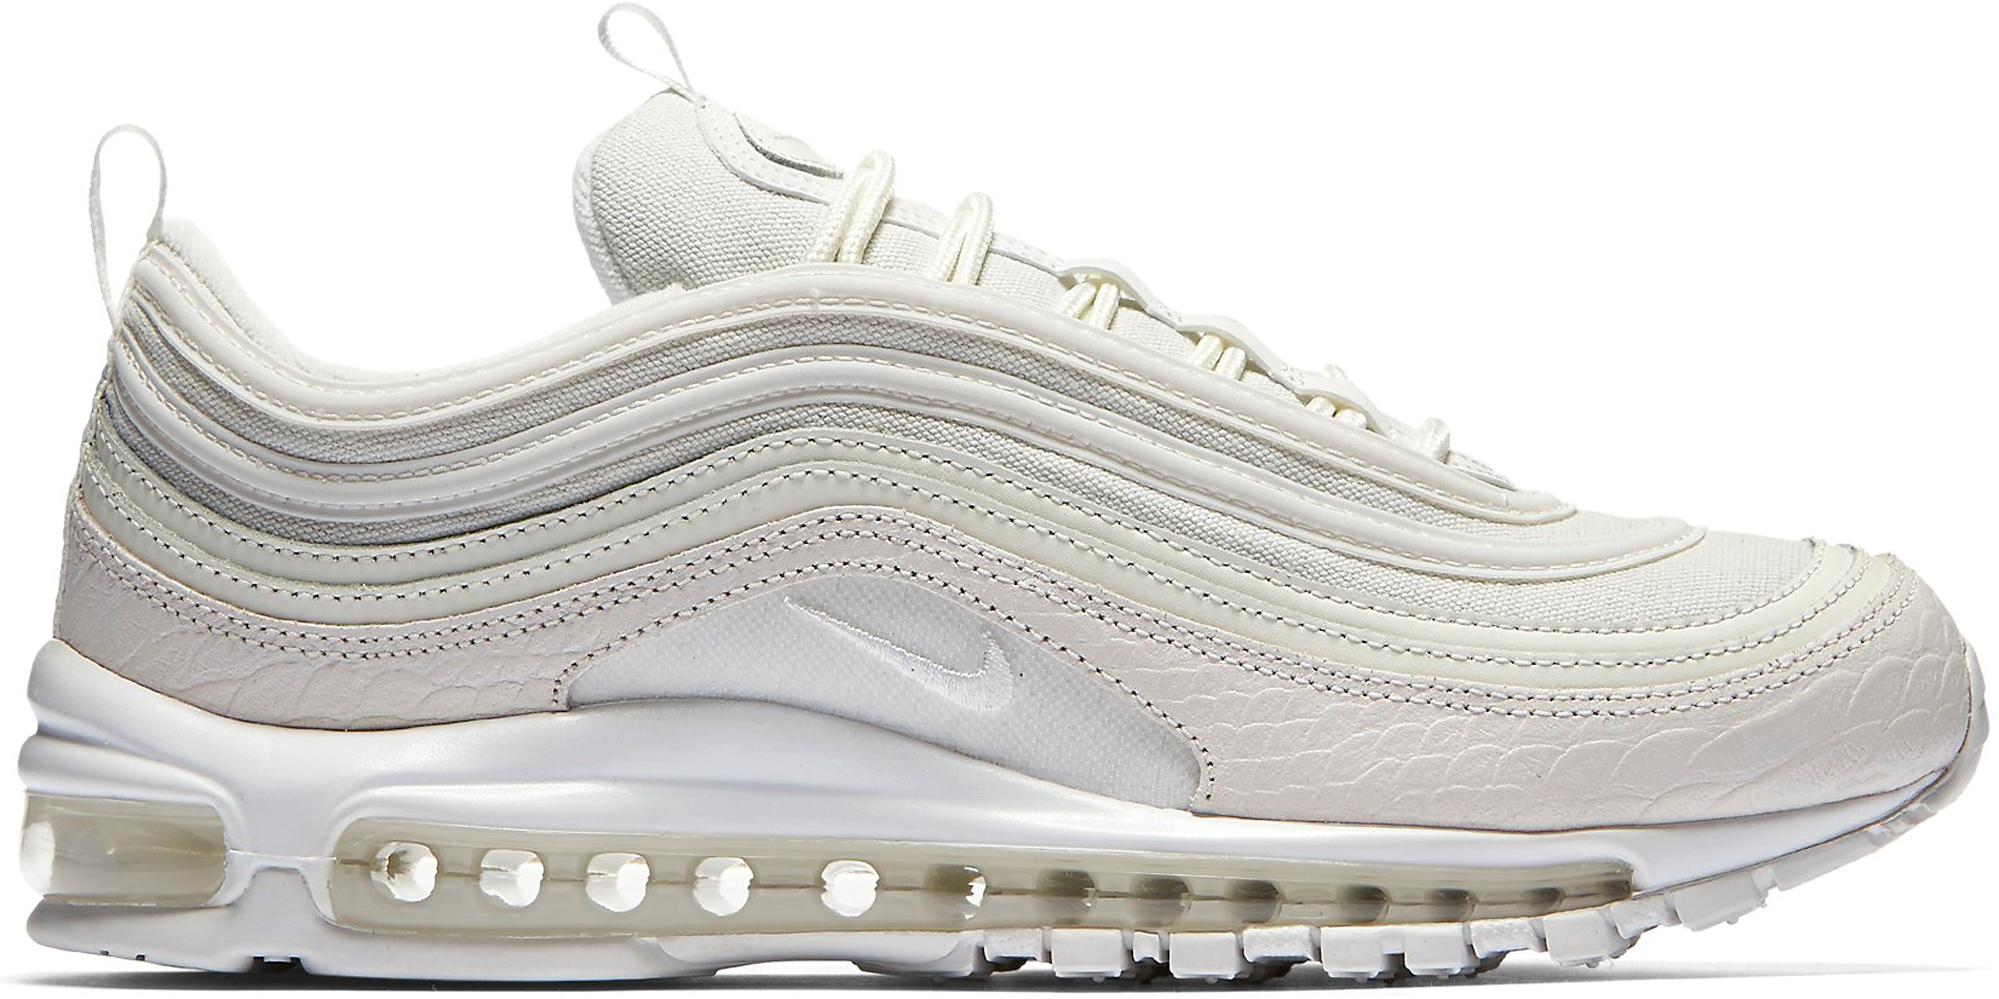 Nike Air Max 97 Summit White - 921826-100